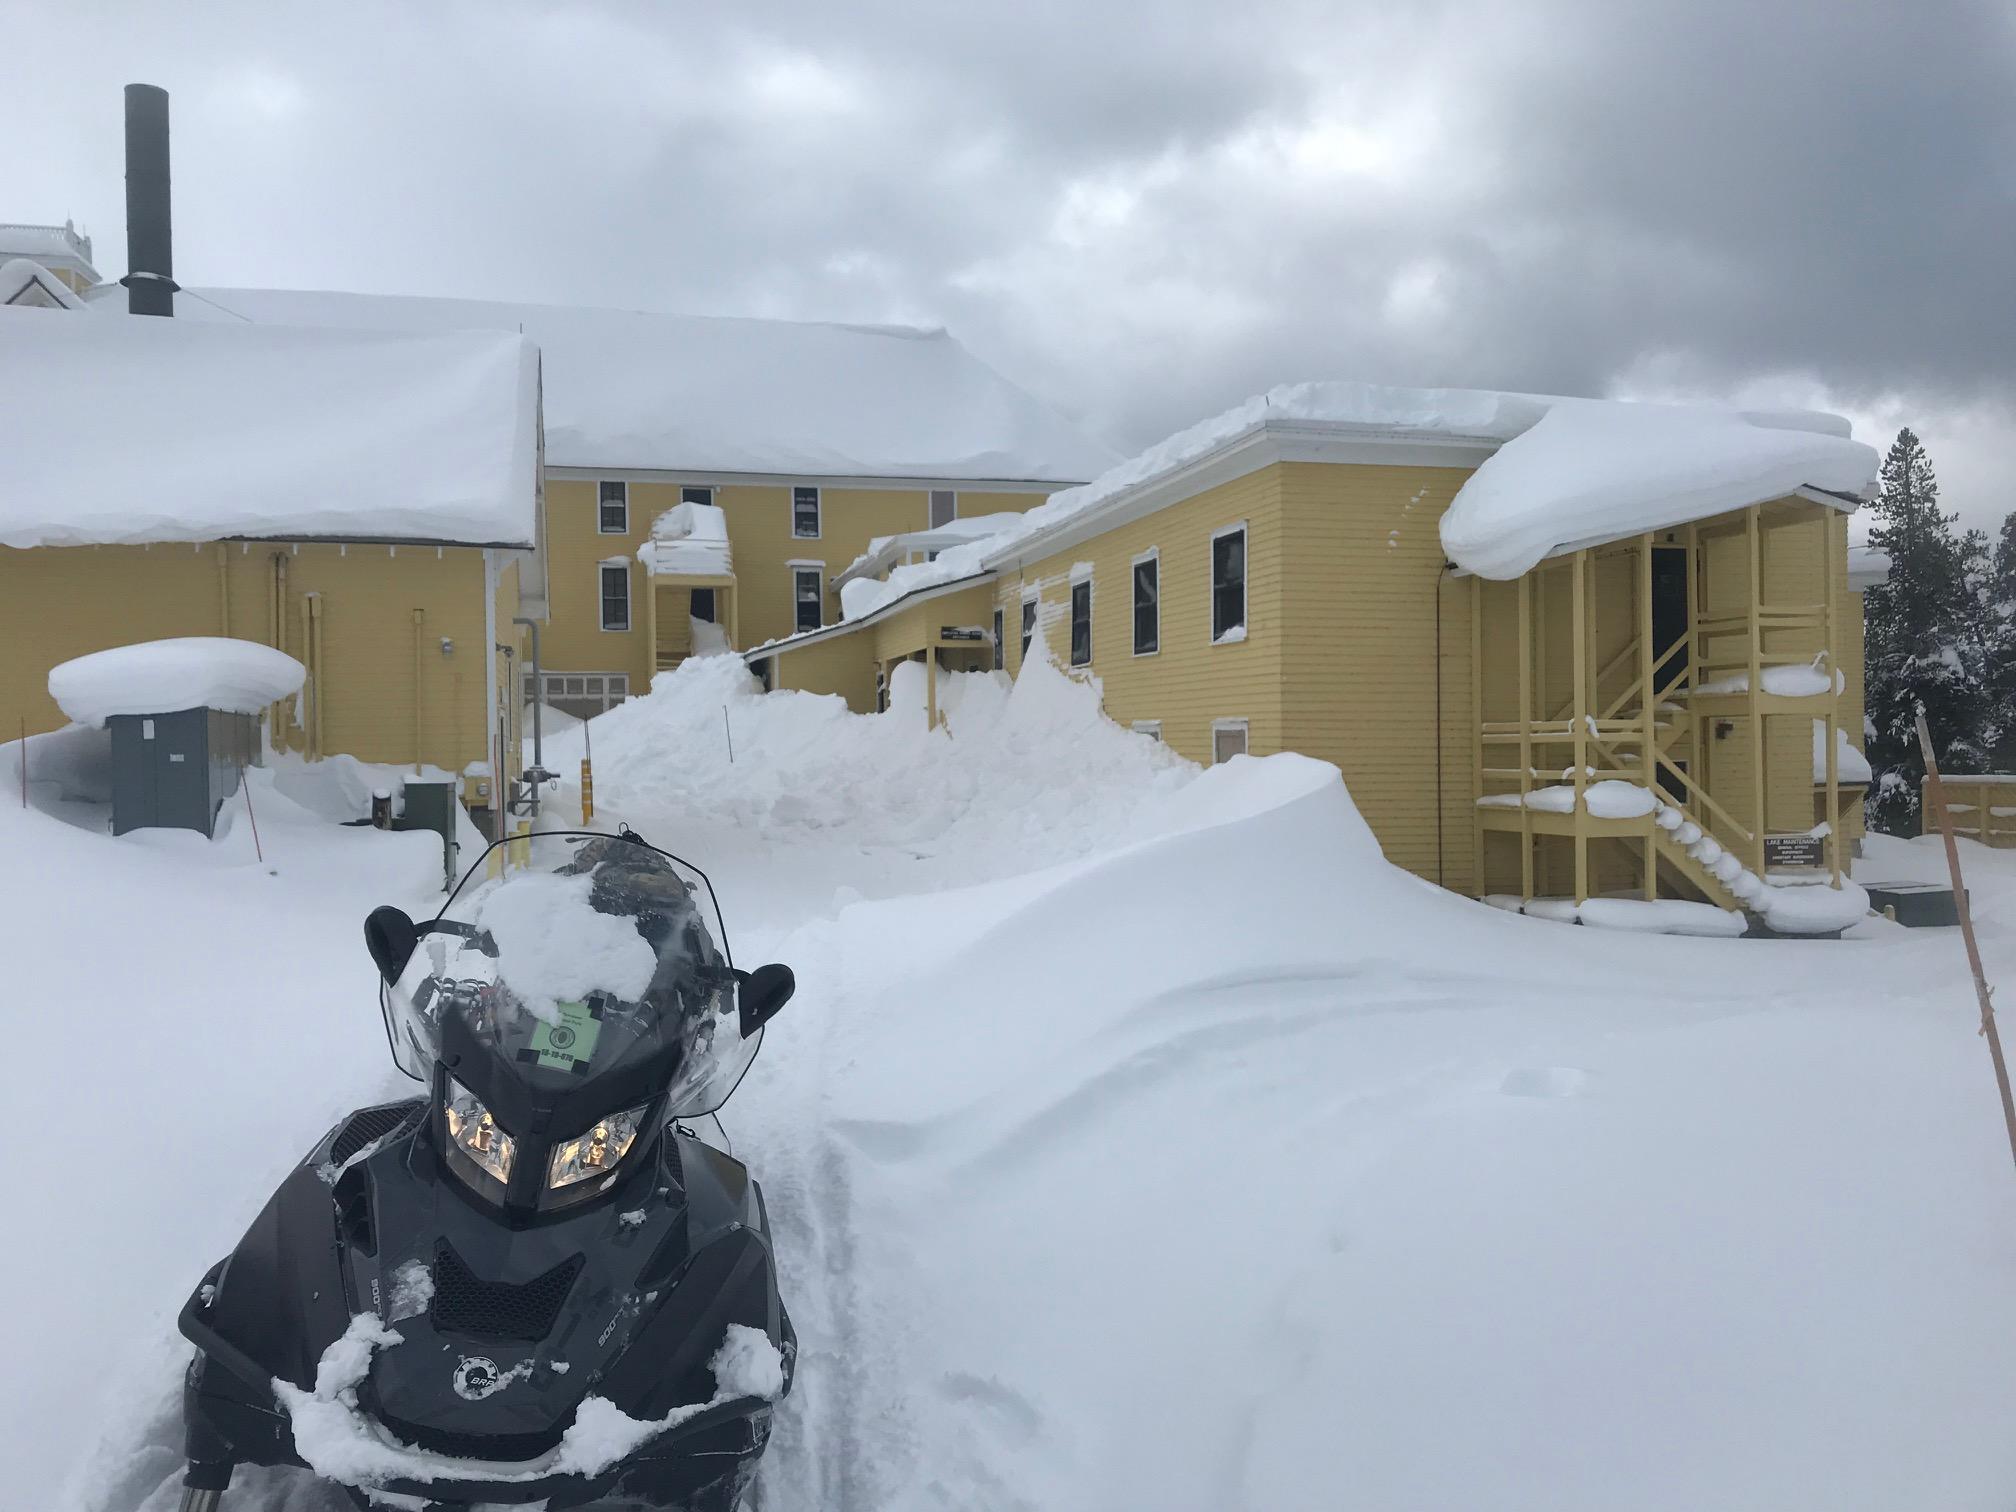 Snow Removal at Lake Hotel